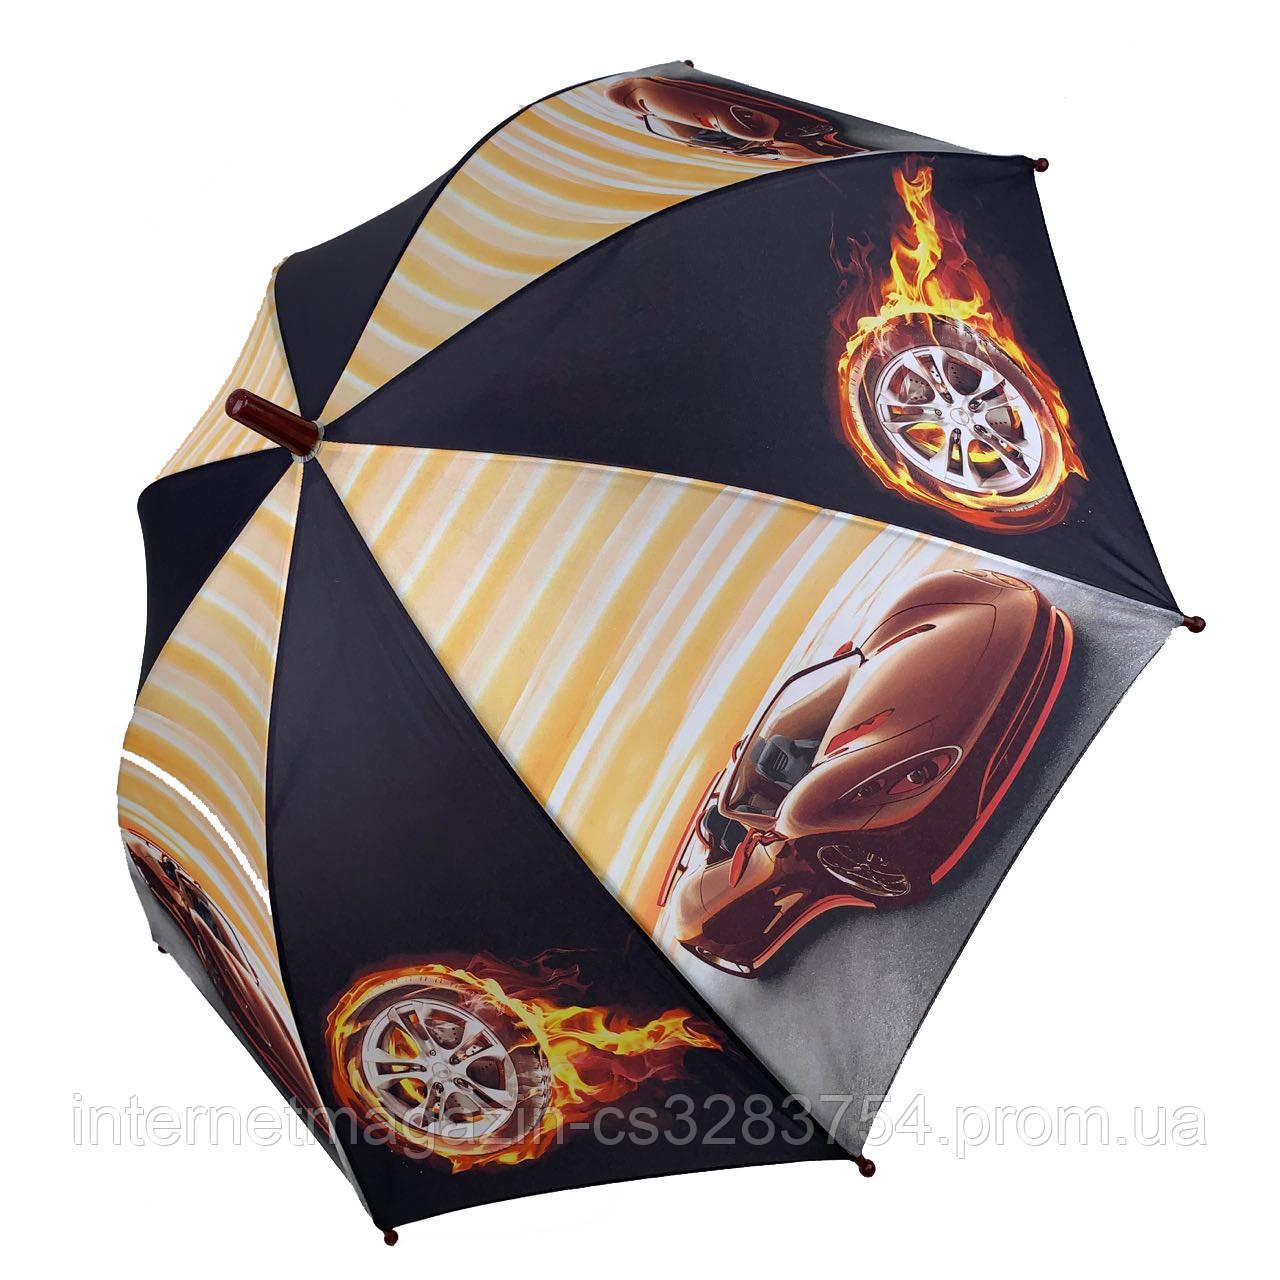 Детский зонтик для мальчиков SL Гонки Черно-оранжевый (18104-4)